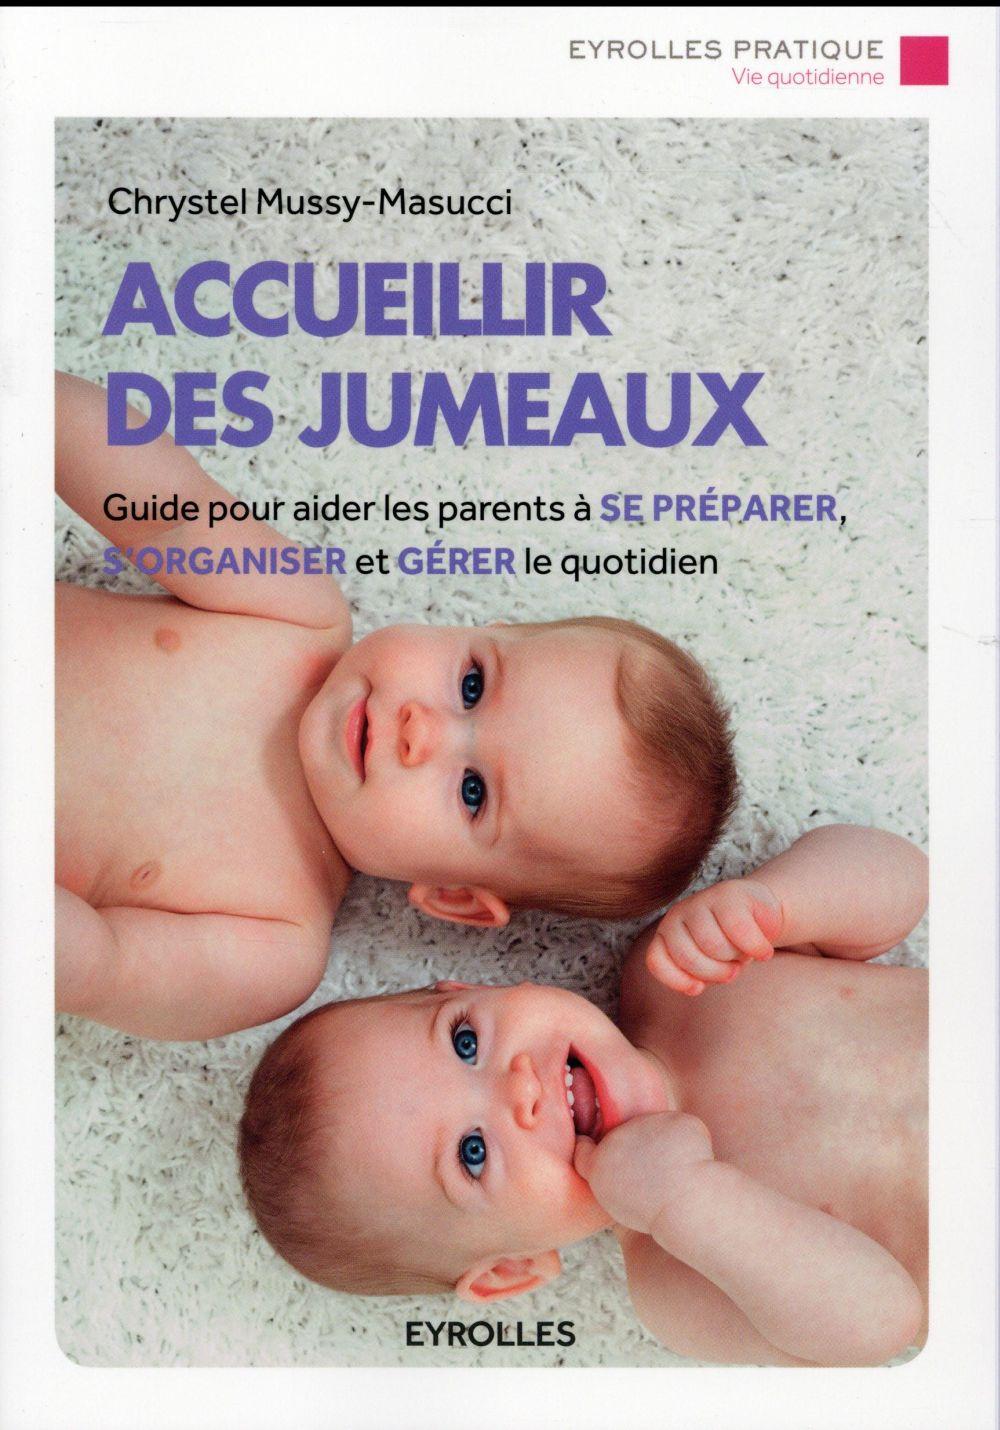 ACCUEILLIR DES JUMEAUX